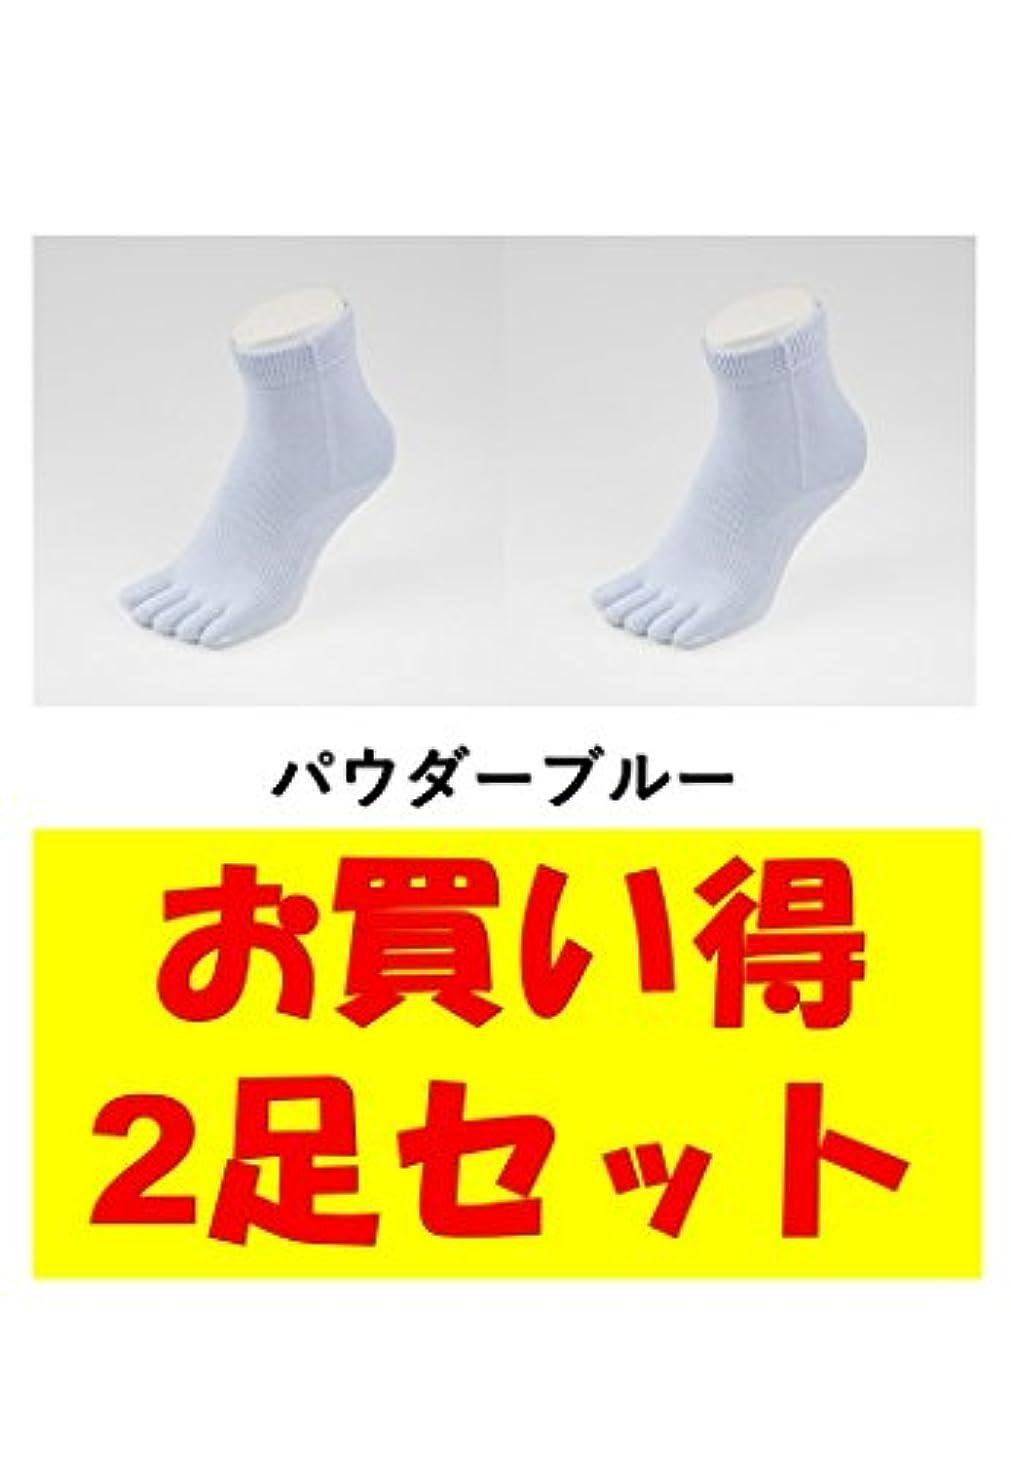 なぜうまくいけばラッシュお買い得2足セット 5本指 ゆびのばソックス Neo EVE(イヴ) パウダーブルー Sサイズ(21.0cm - 24.0cm) YSNEVE-PBL